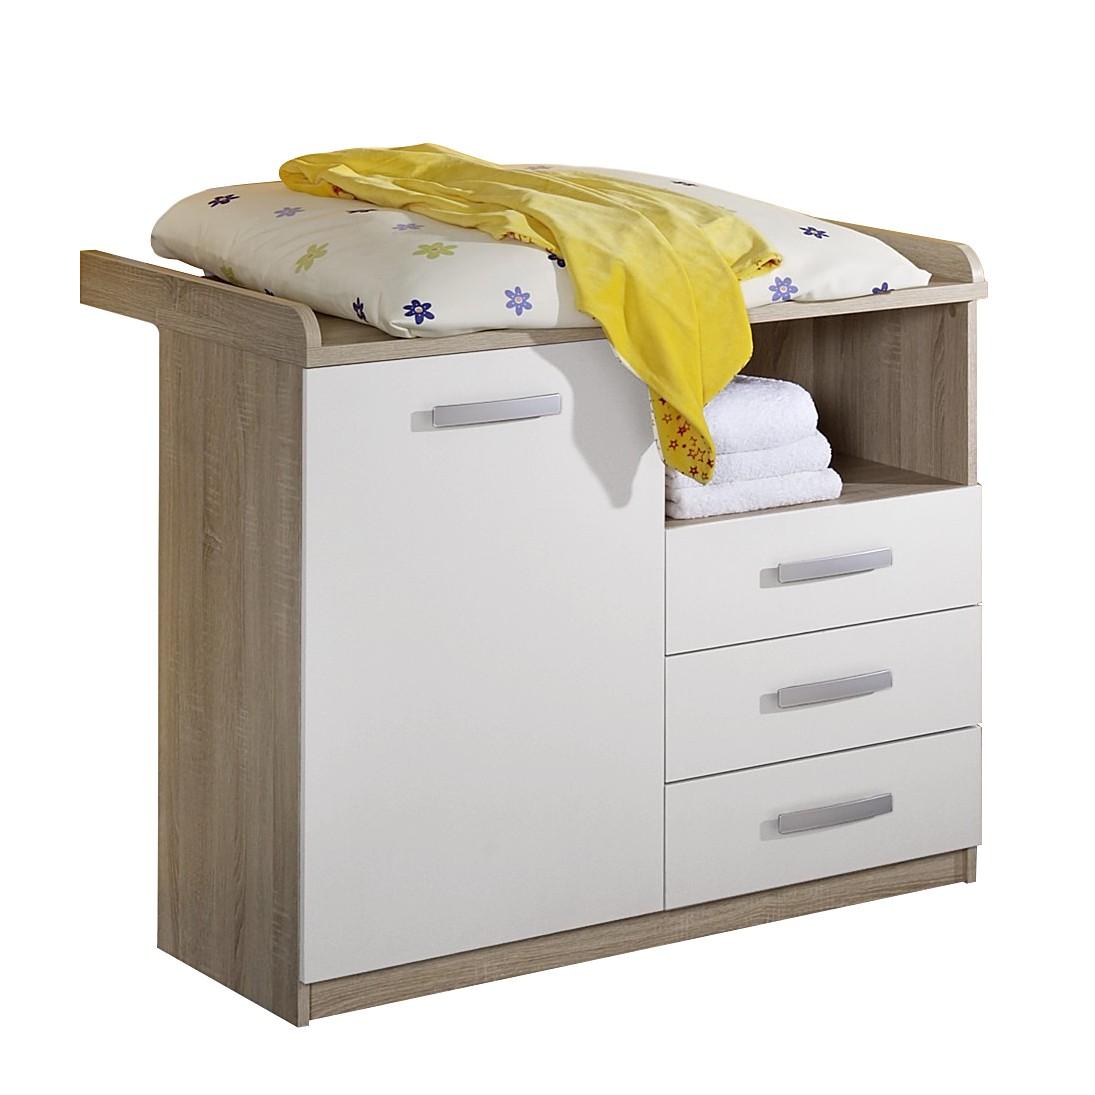 wickelkommode nici eiche s gerau wei matt ohne unterstellregal. Black Bedroom Furniture Sets. Home Design Ideas